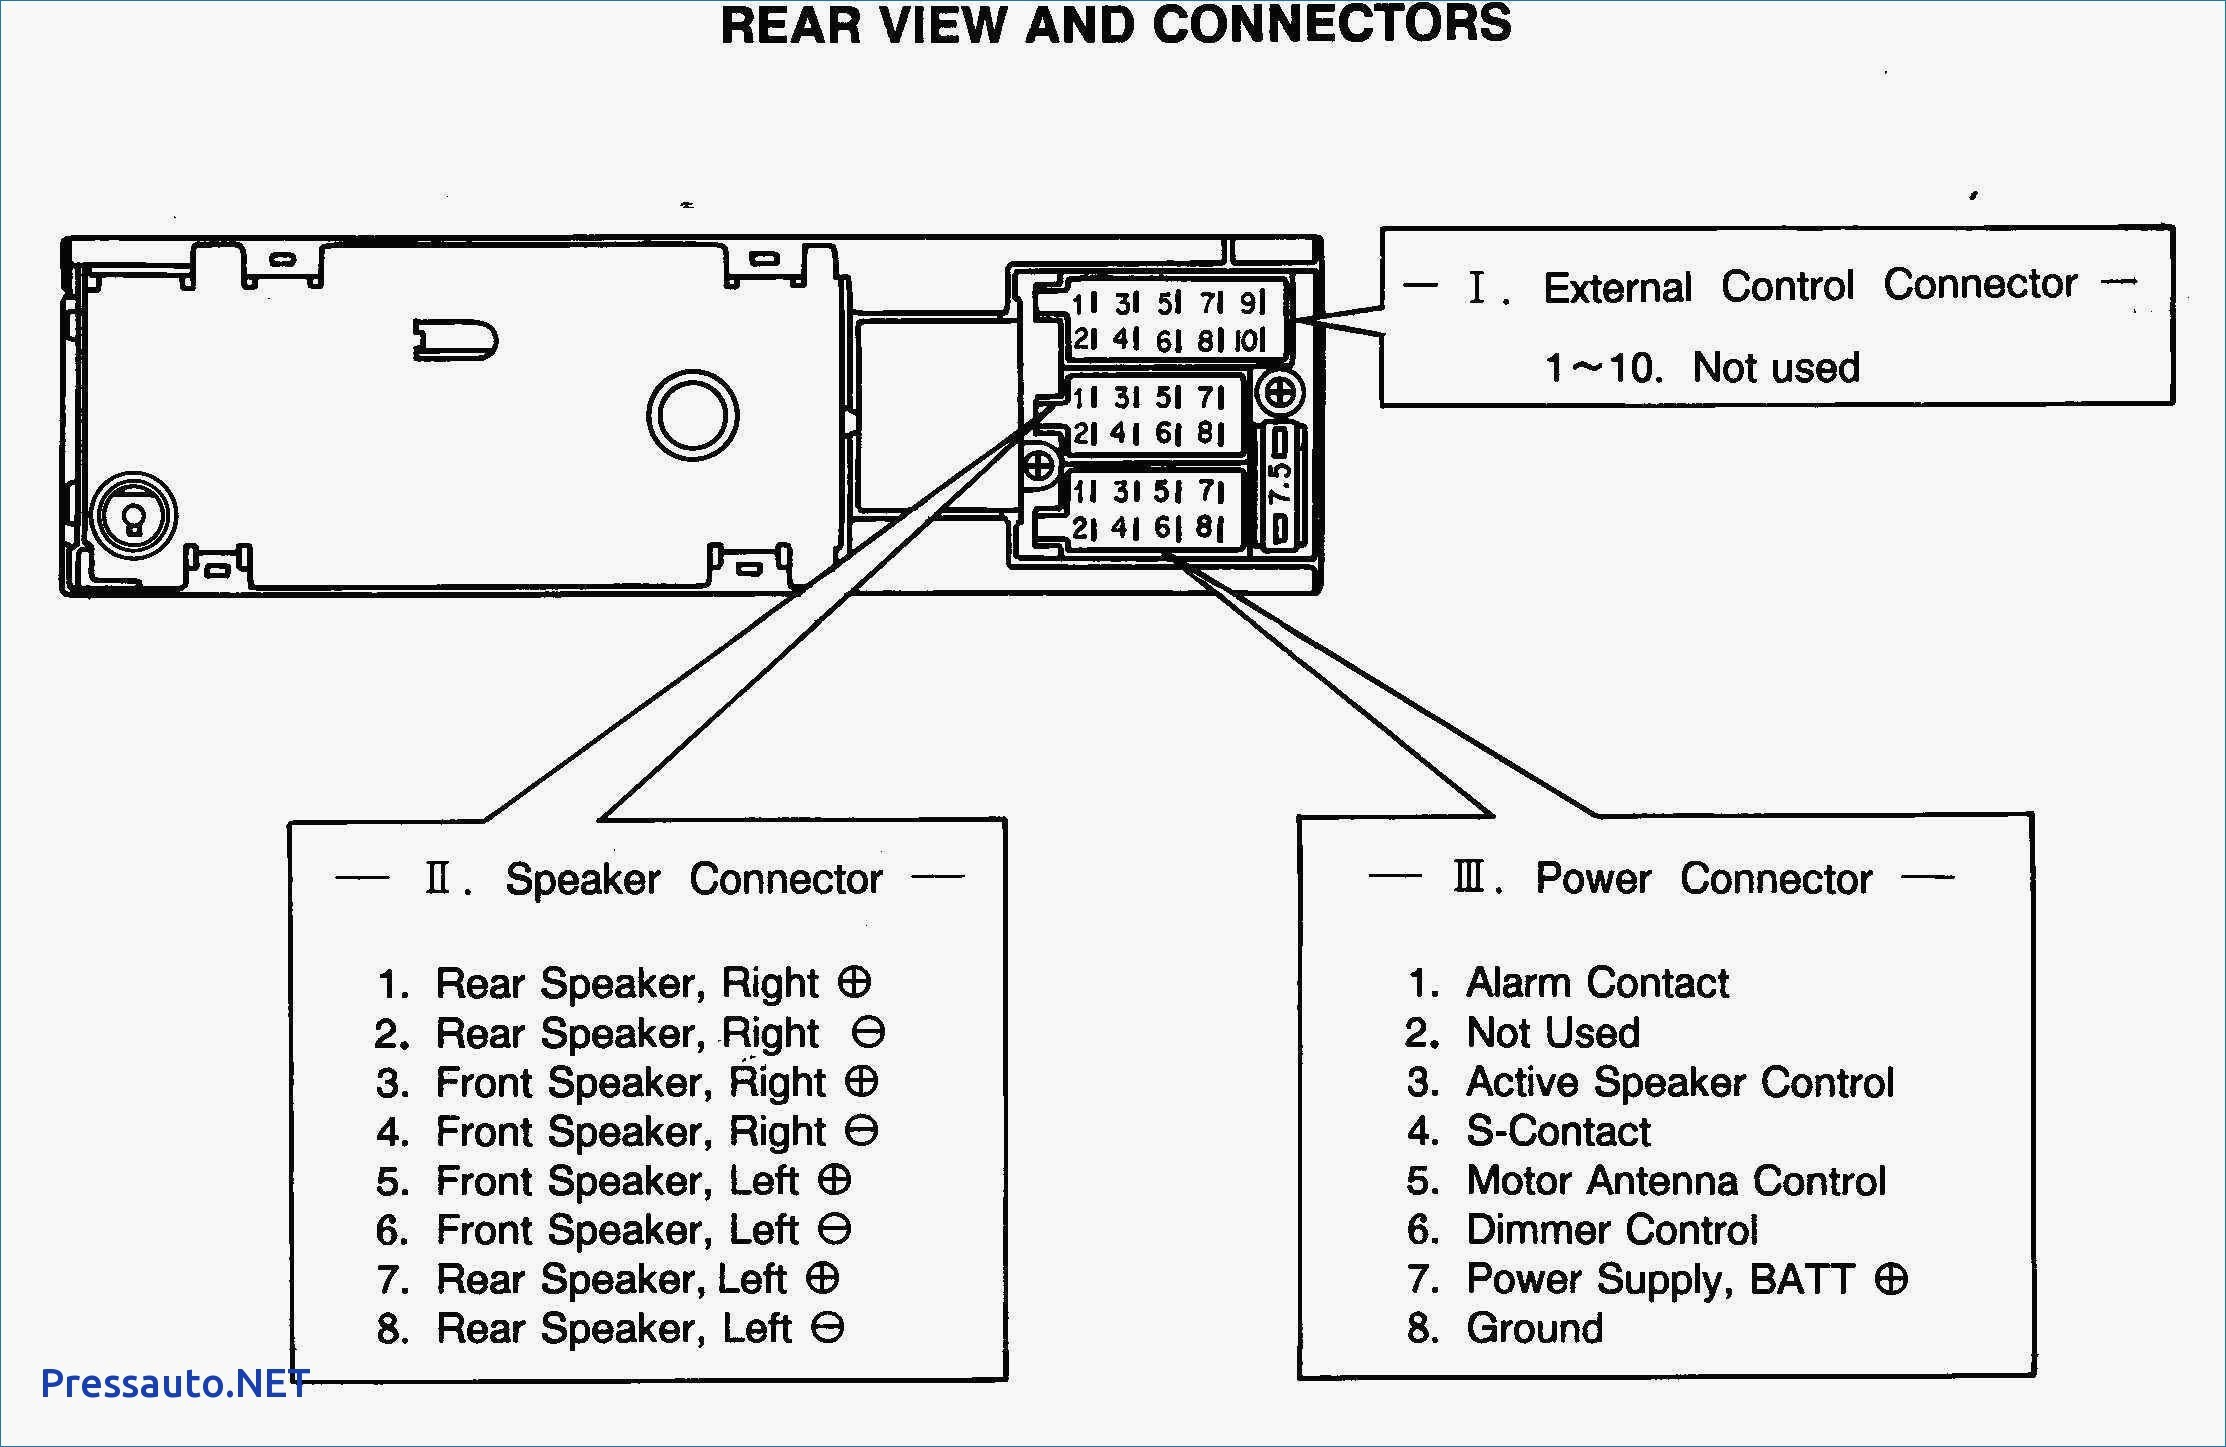 Kenwood Radio Wiring Diagram Beautiful aftermarket Radio Wiring Diagram Diagram Of Kenwood Radio Wiring Diagram